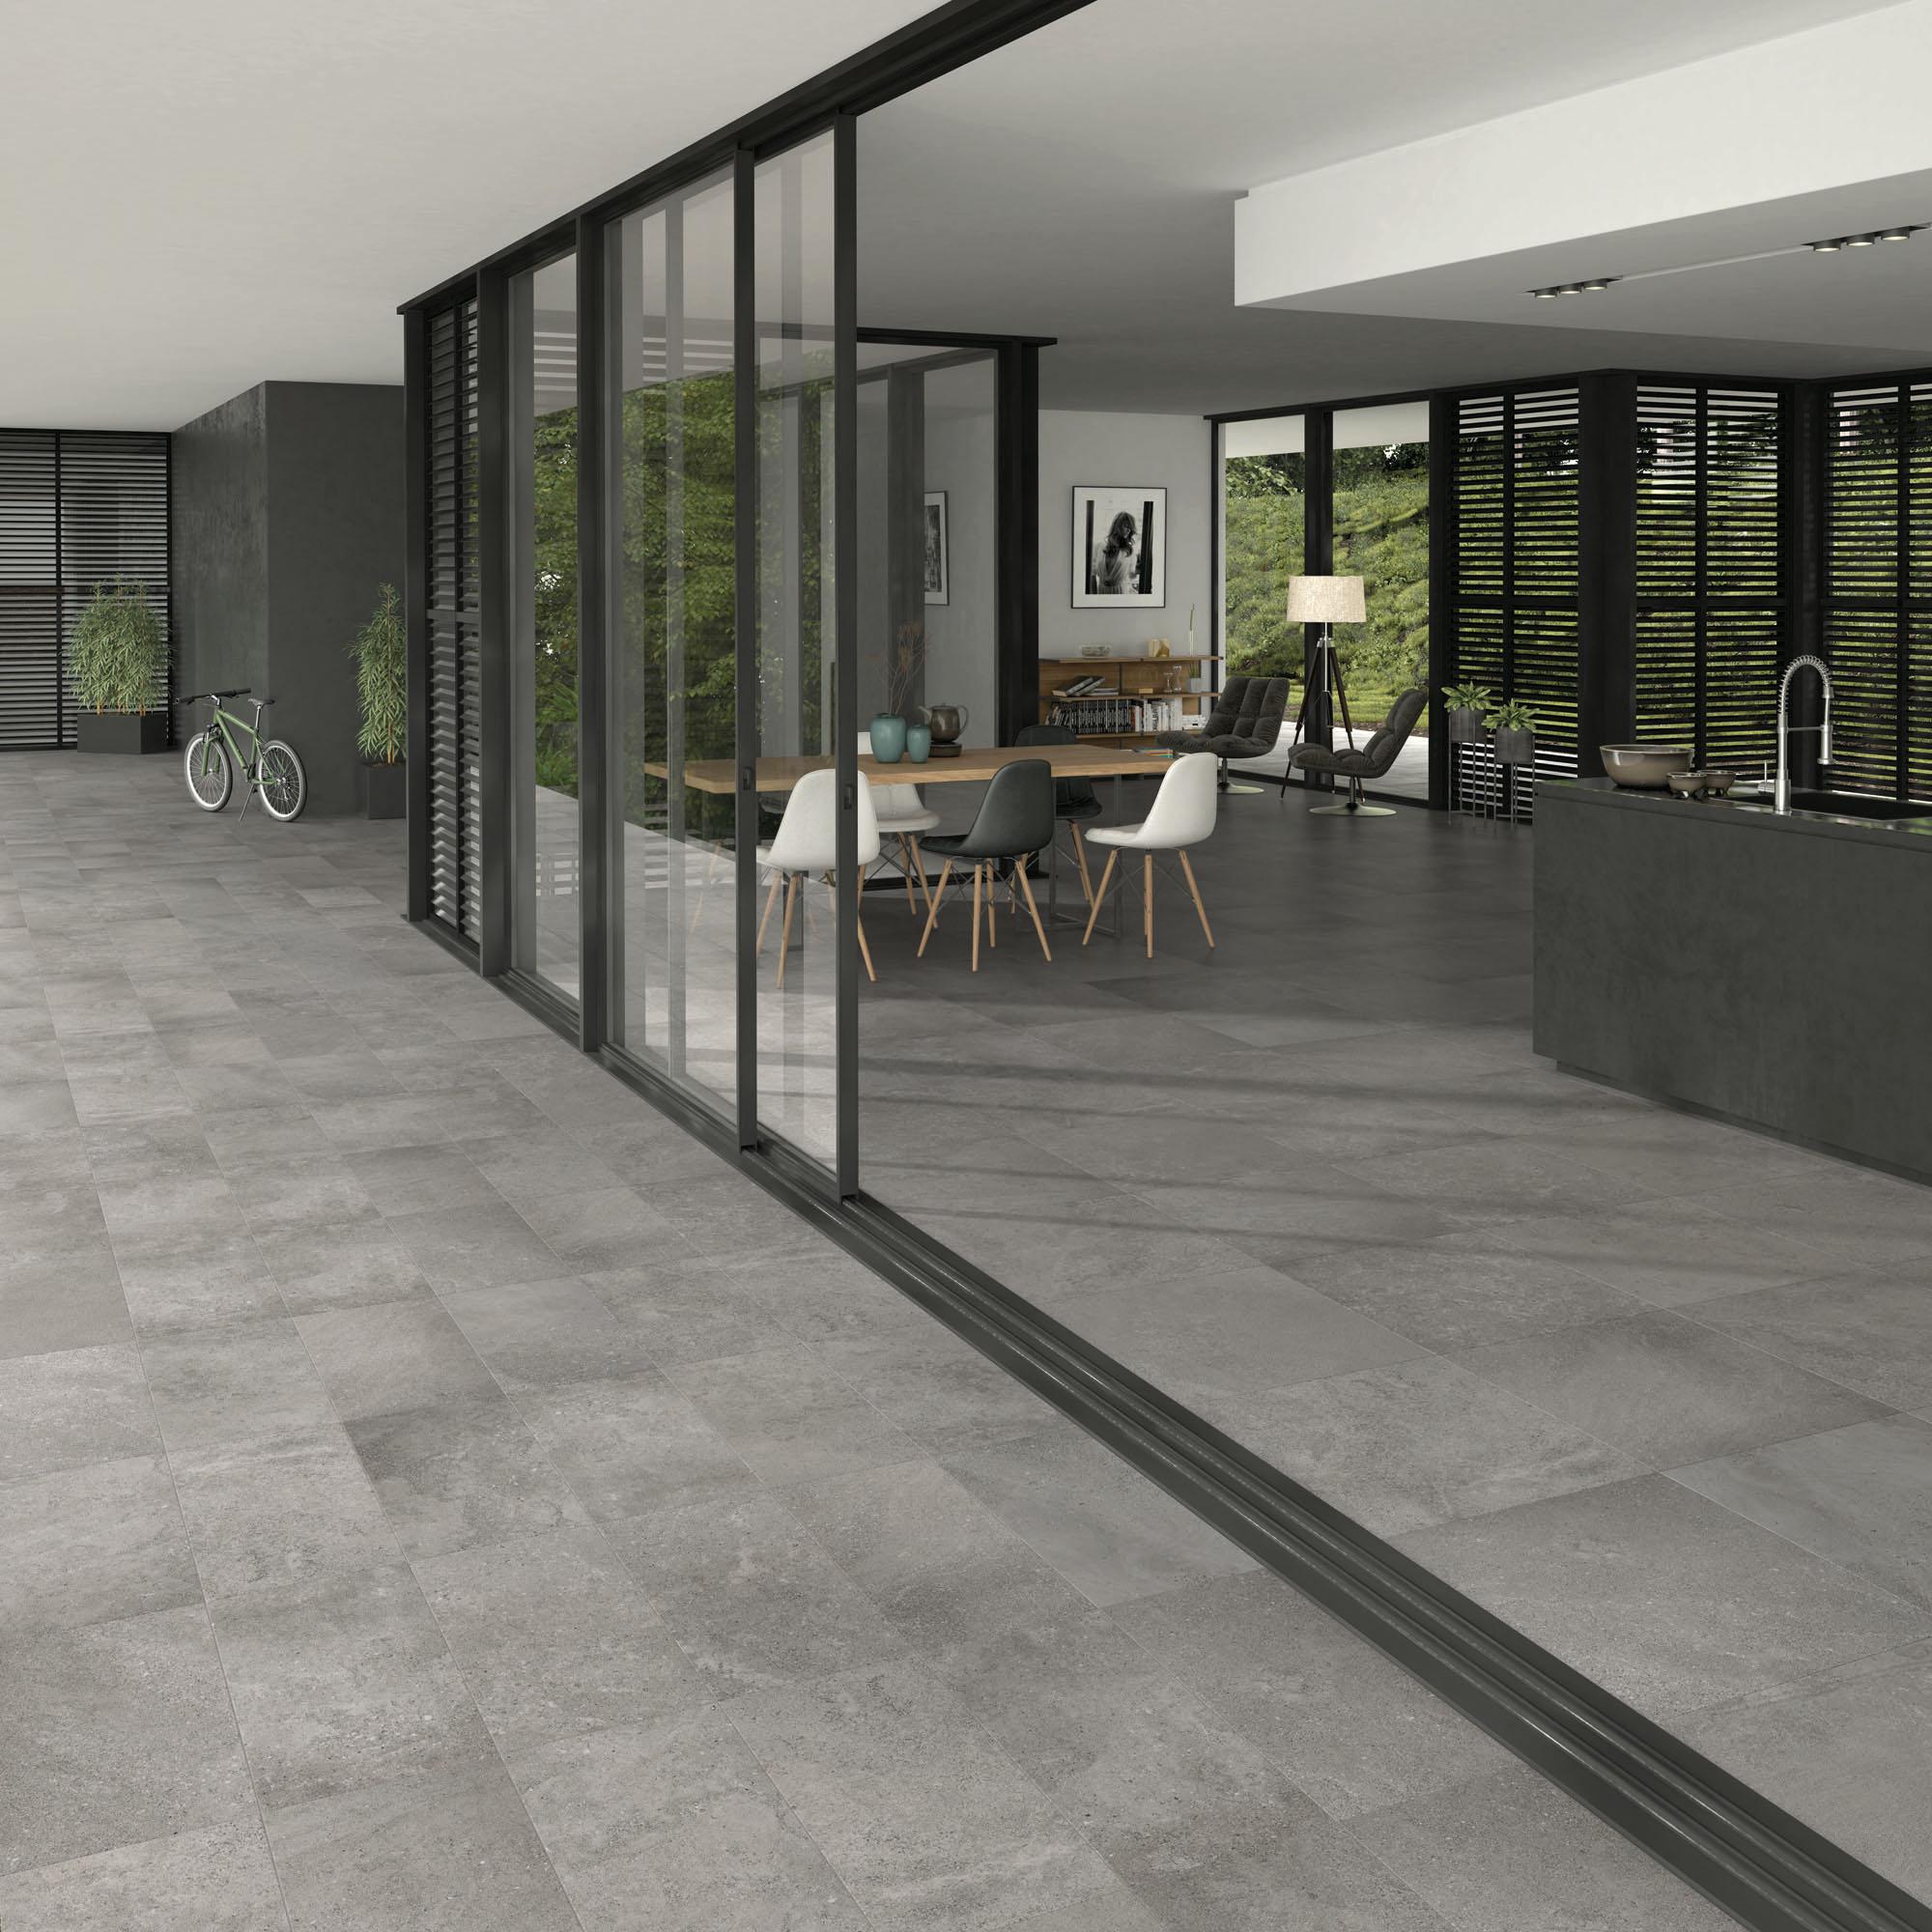 Klinker Arredo Urban Stone Grey 30x60 cm